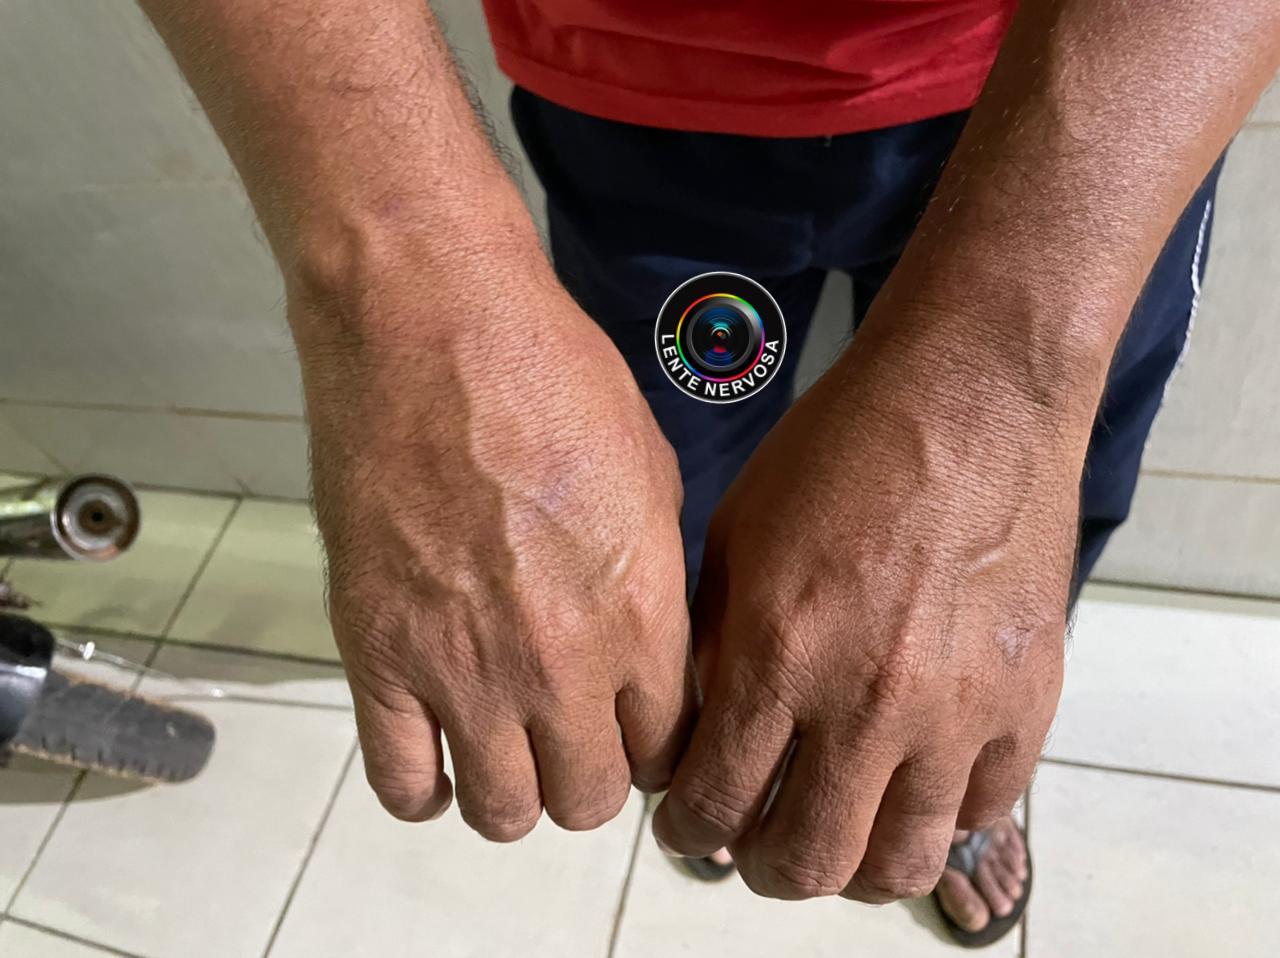 IDENTIFICADOS – Motorista de aplicativo é amarrado após roubo e criminosos são presos; um foi baleado